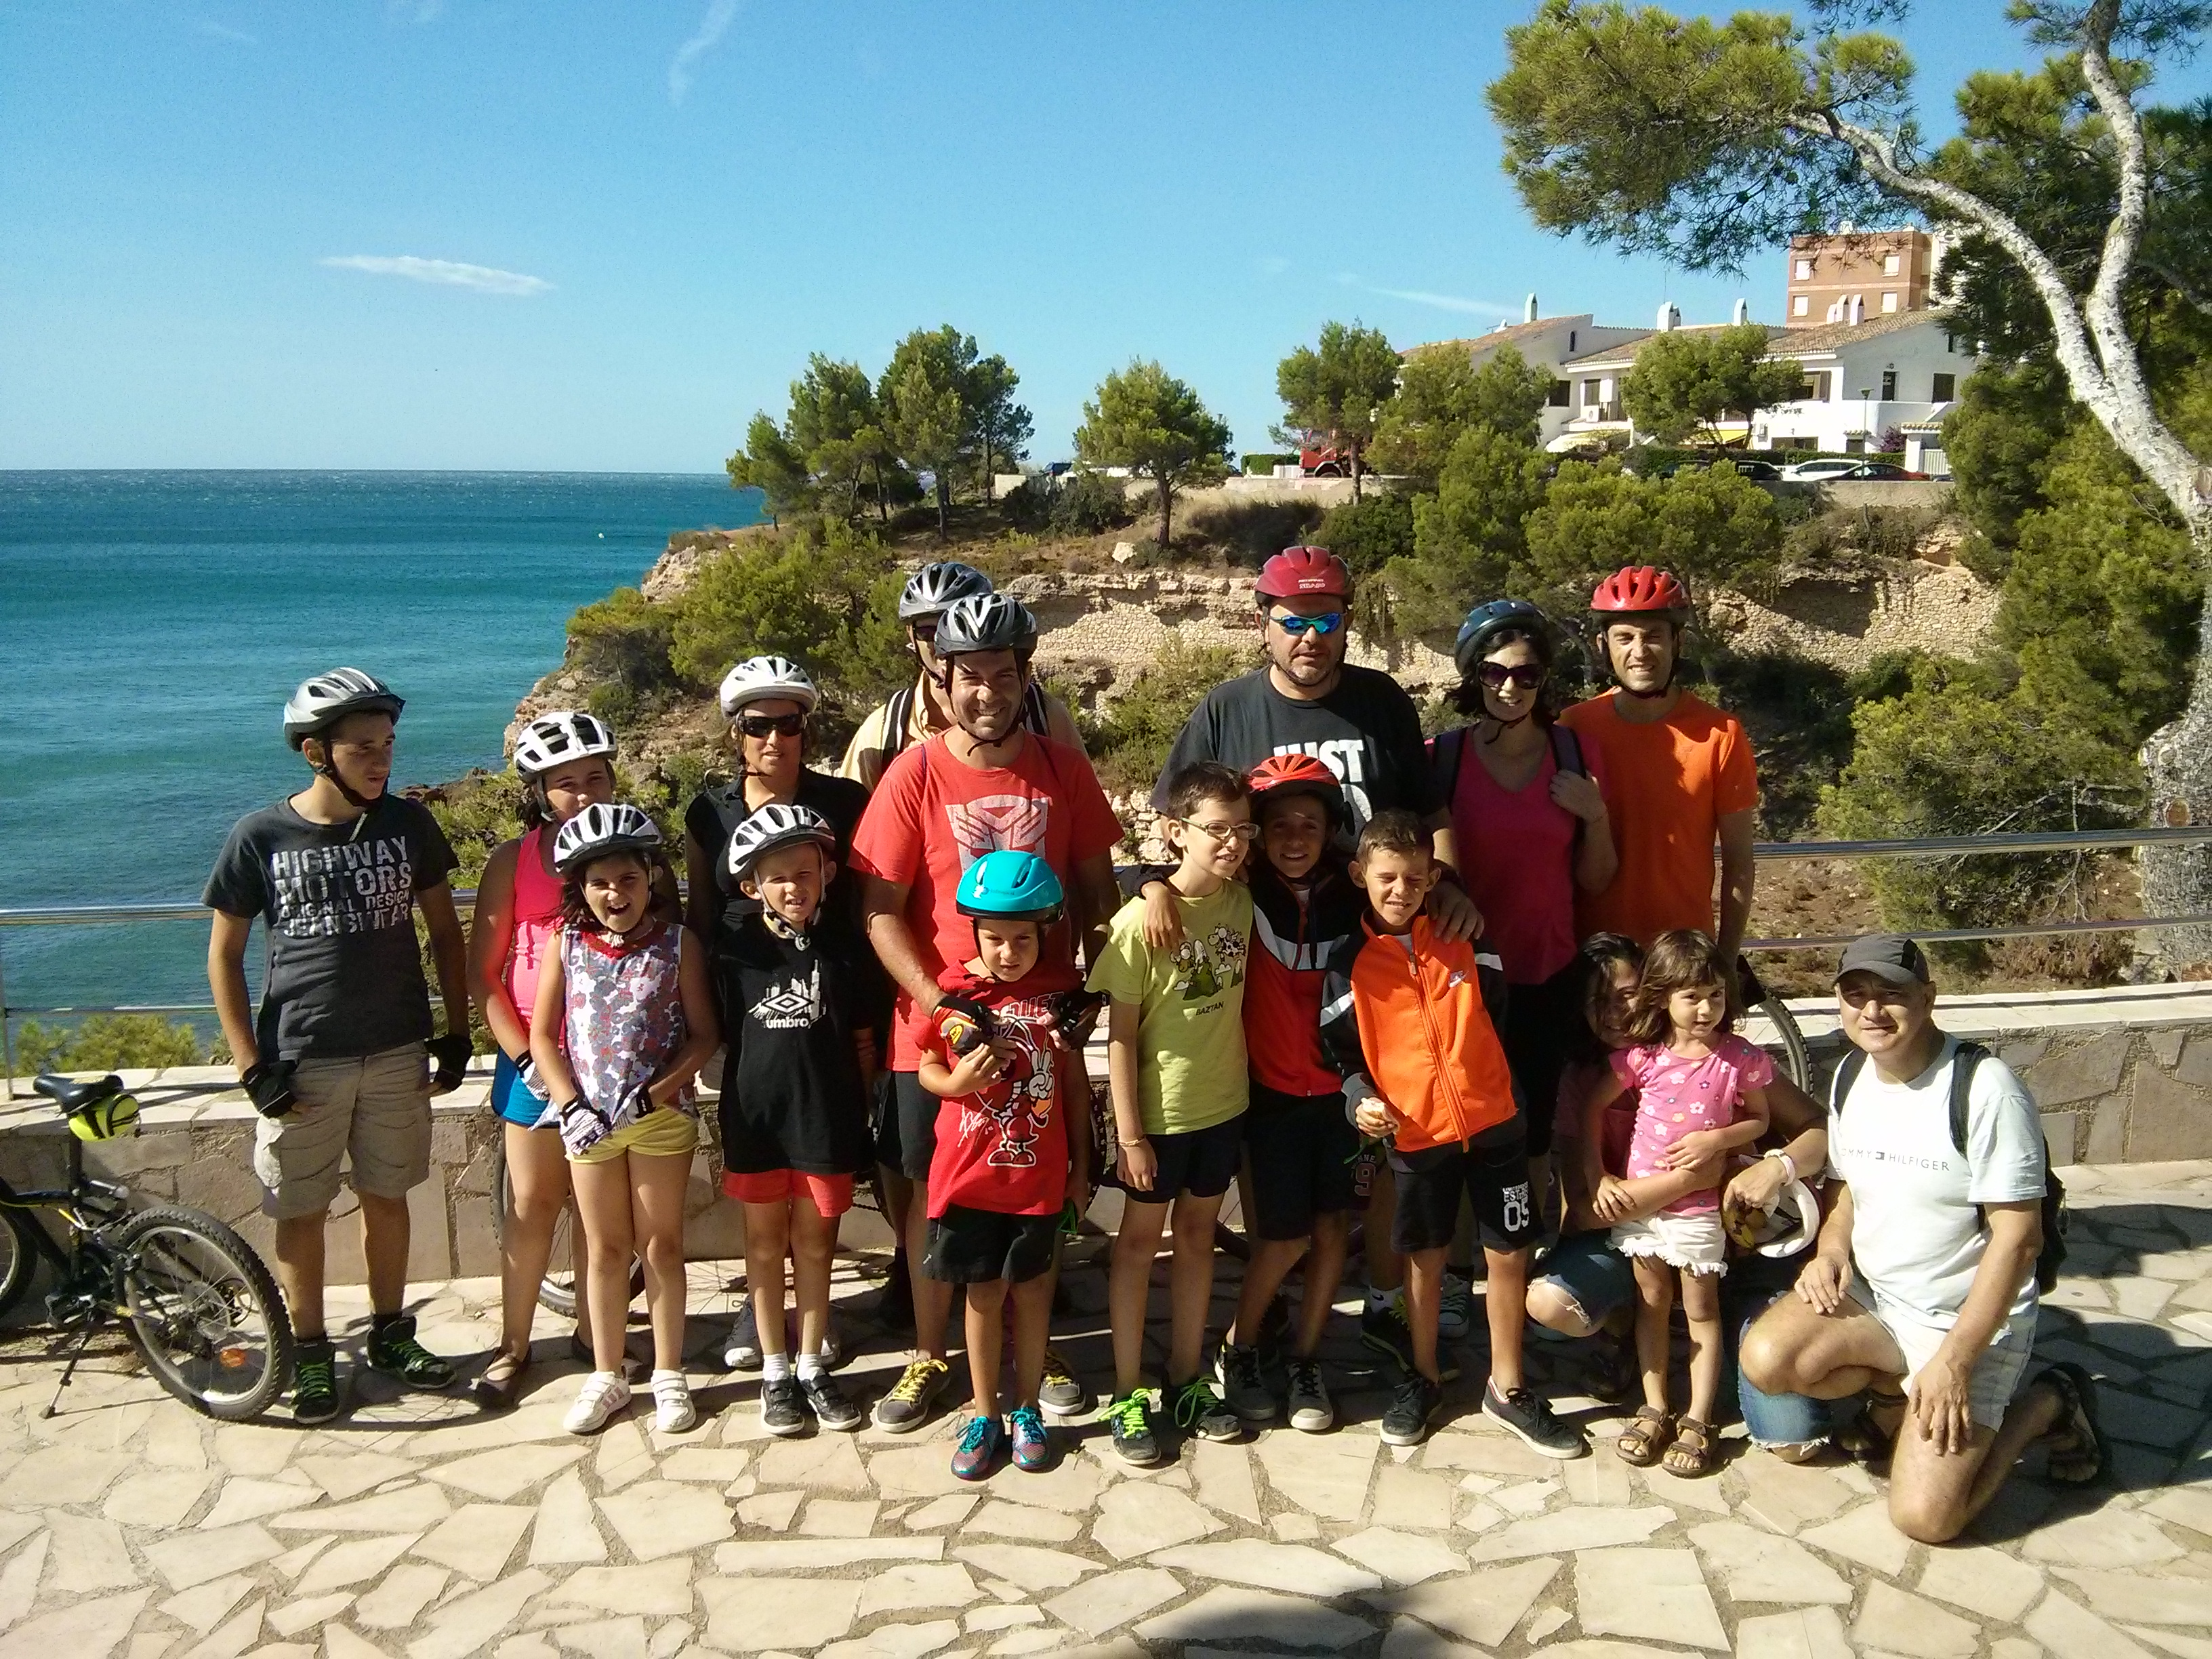 Mont-roig Miami Turisme organitza excursions en bicicleta